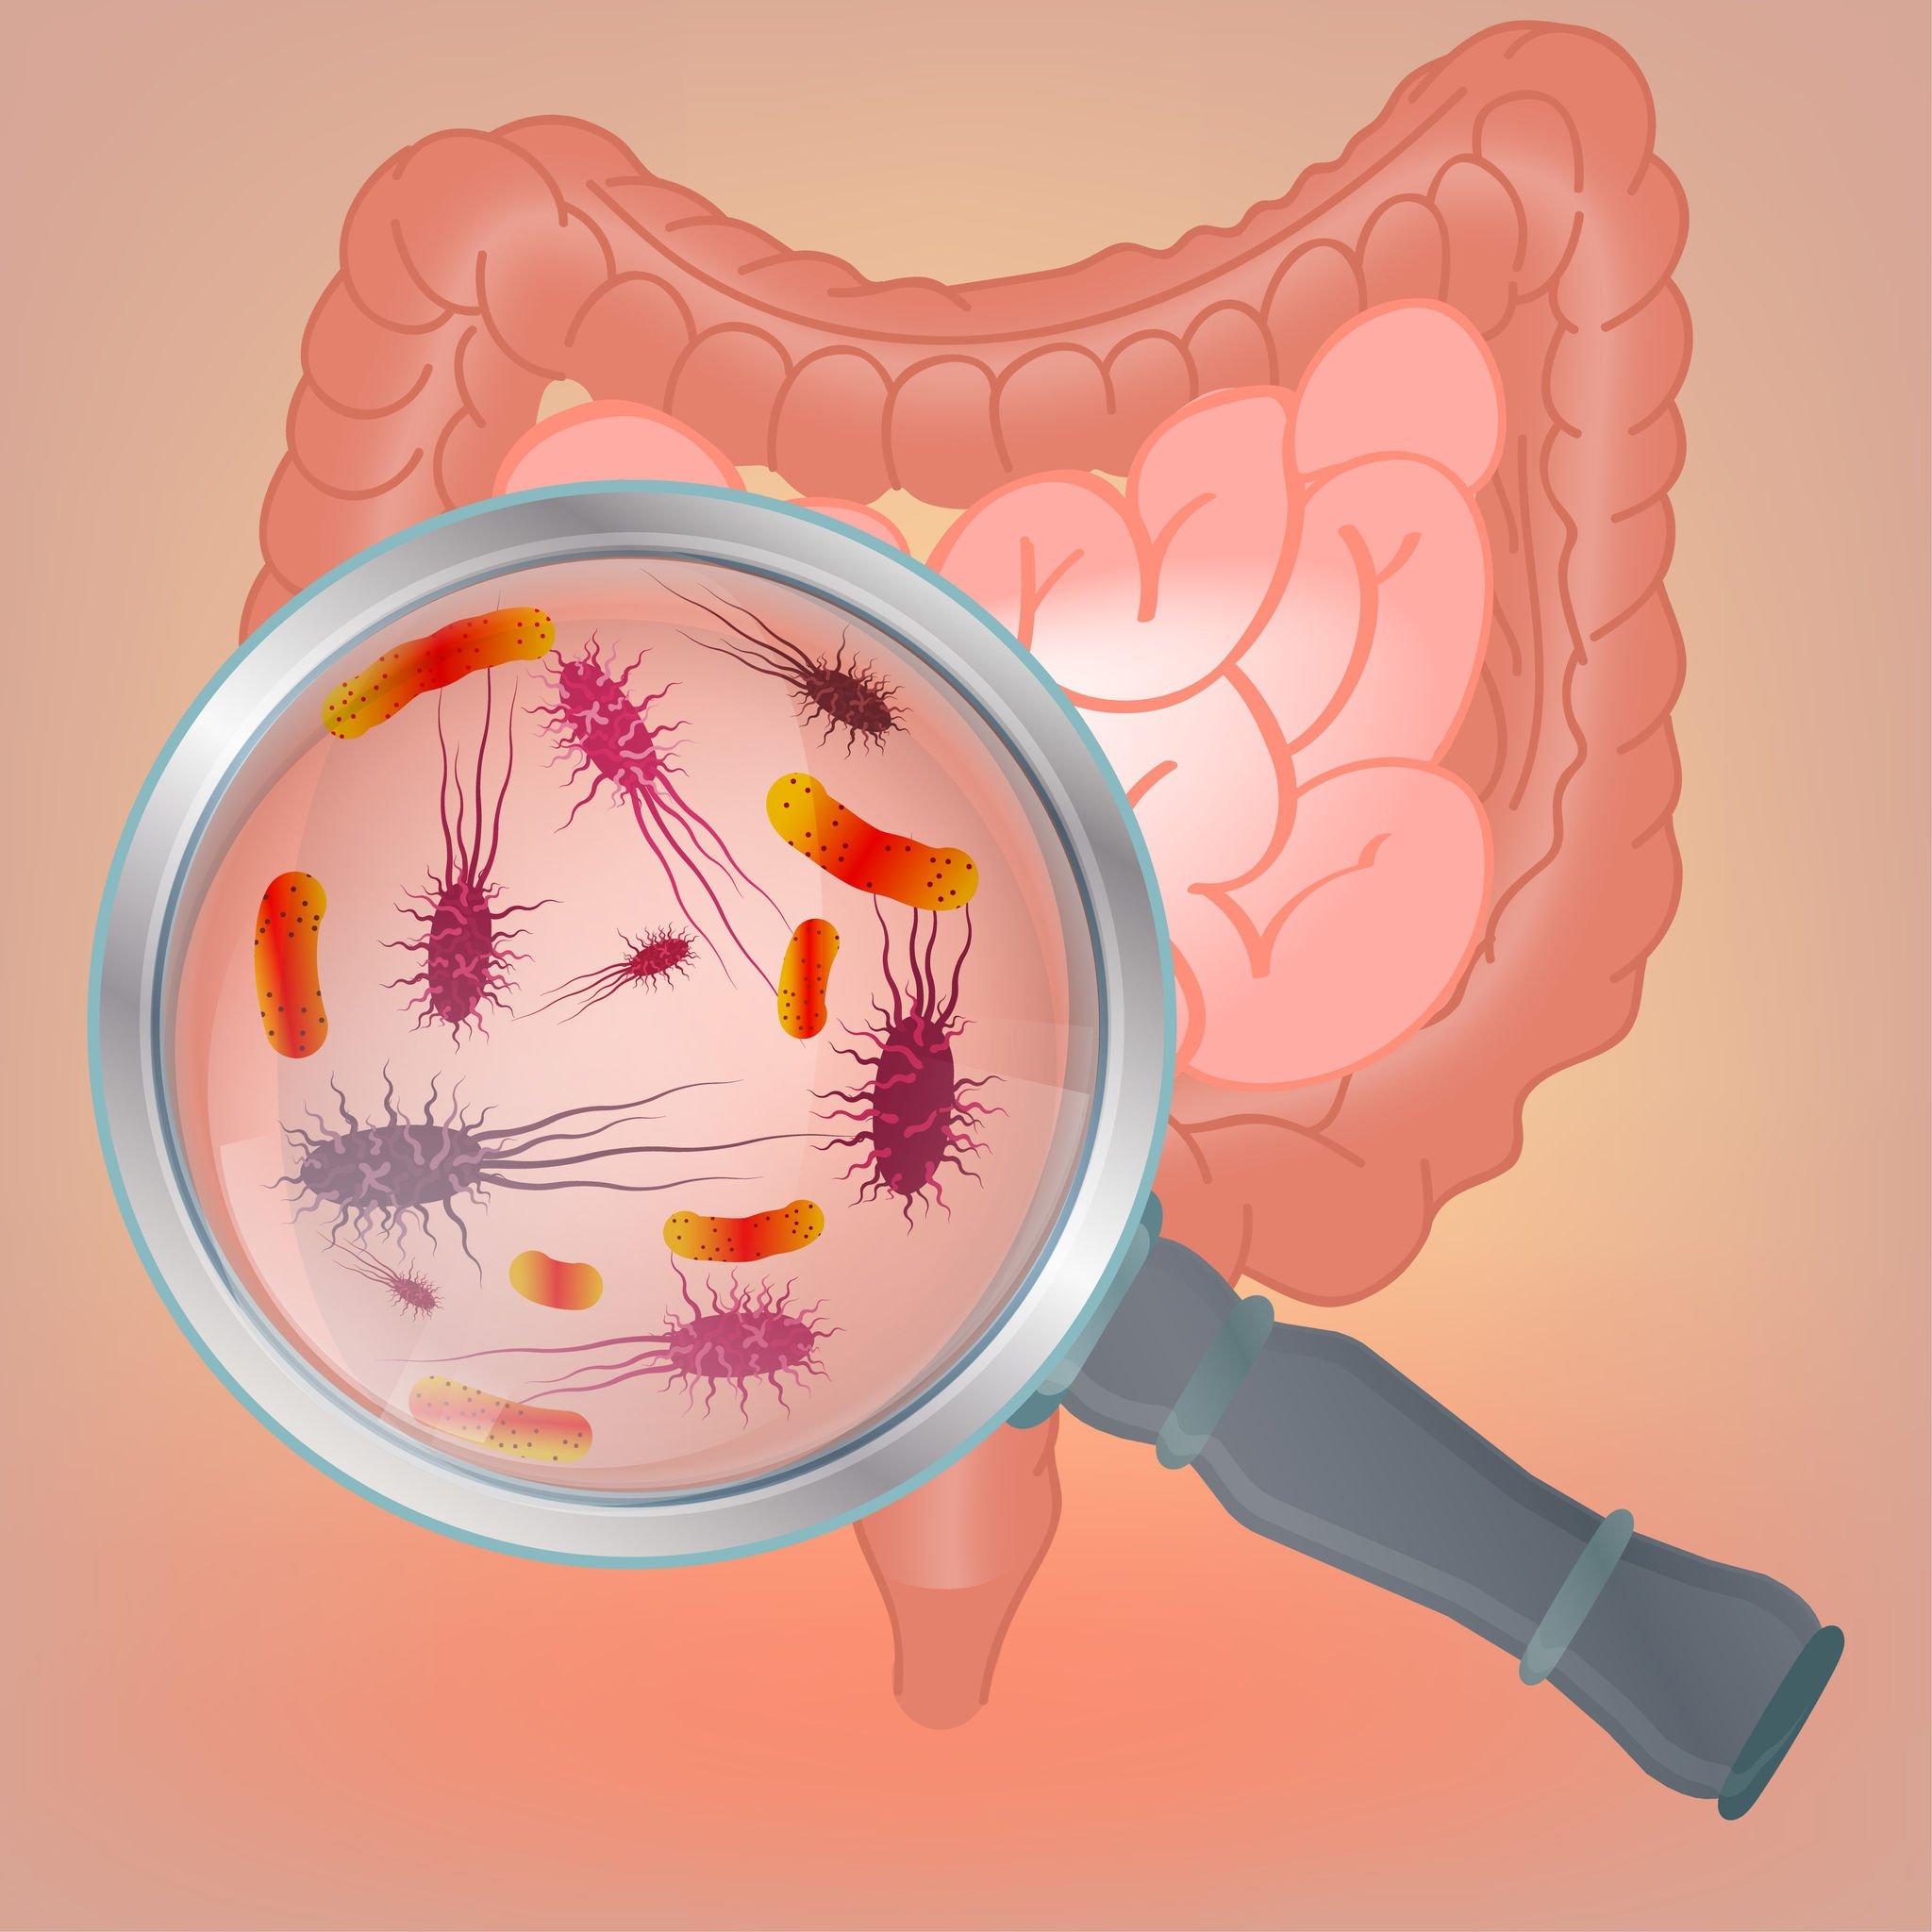 probiotics for acid reflux | Probiotic America